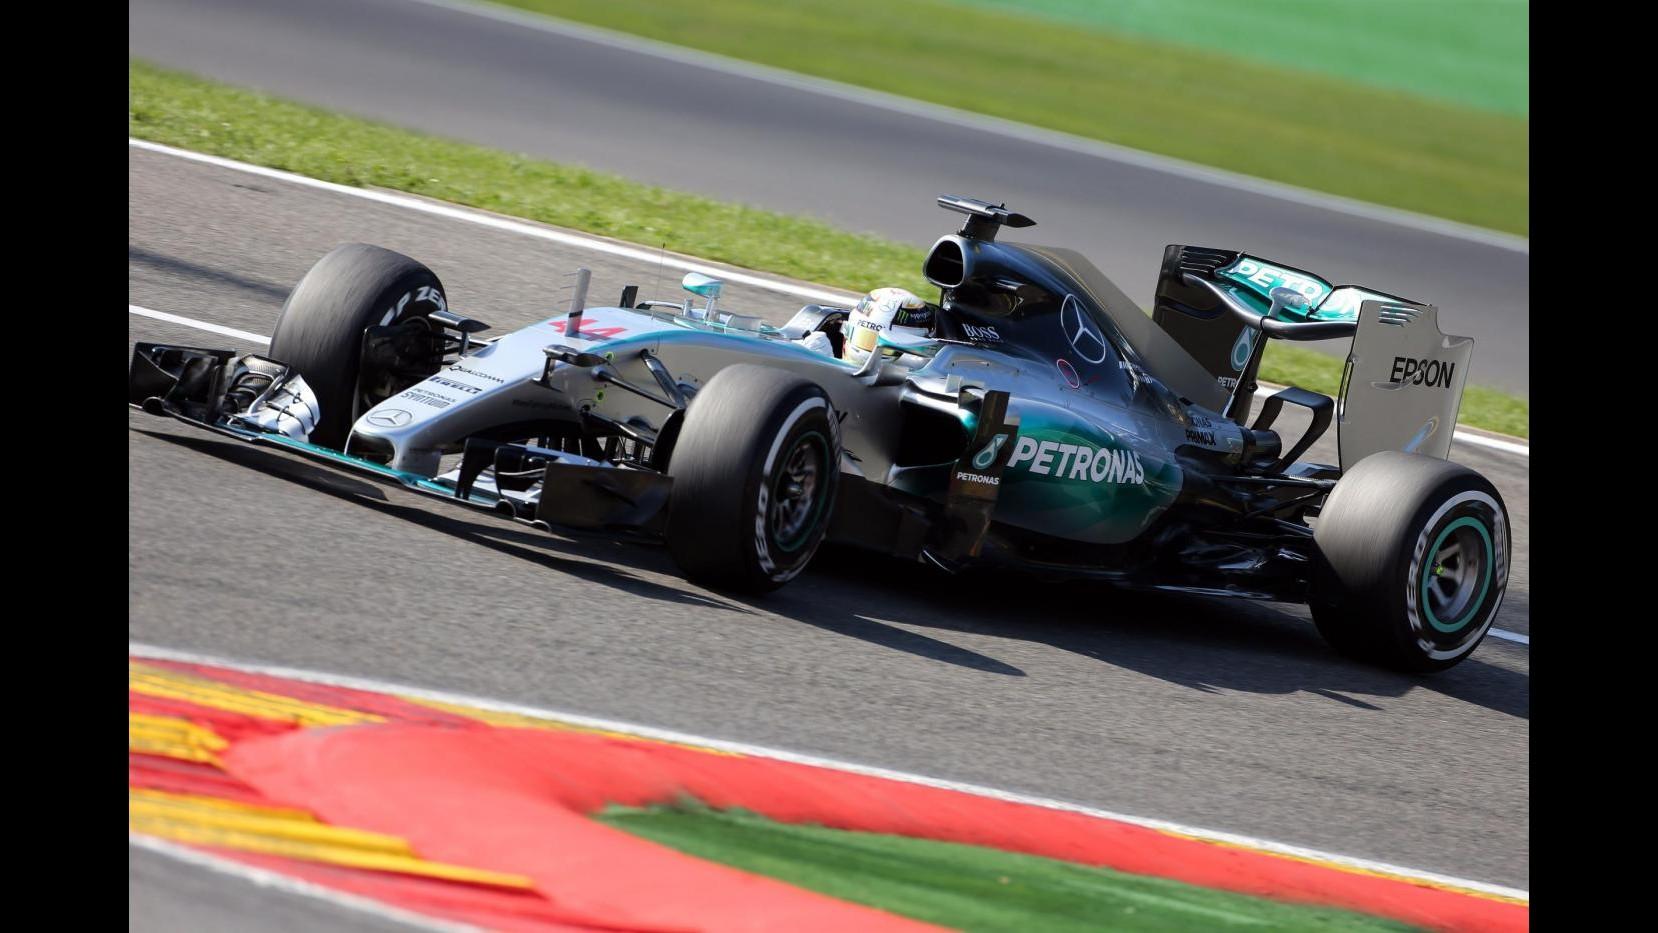 F1, Gp Belgio: Hamilton in pole position a Spa, Vettel soltanto 9°